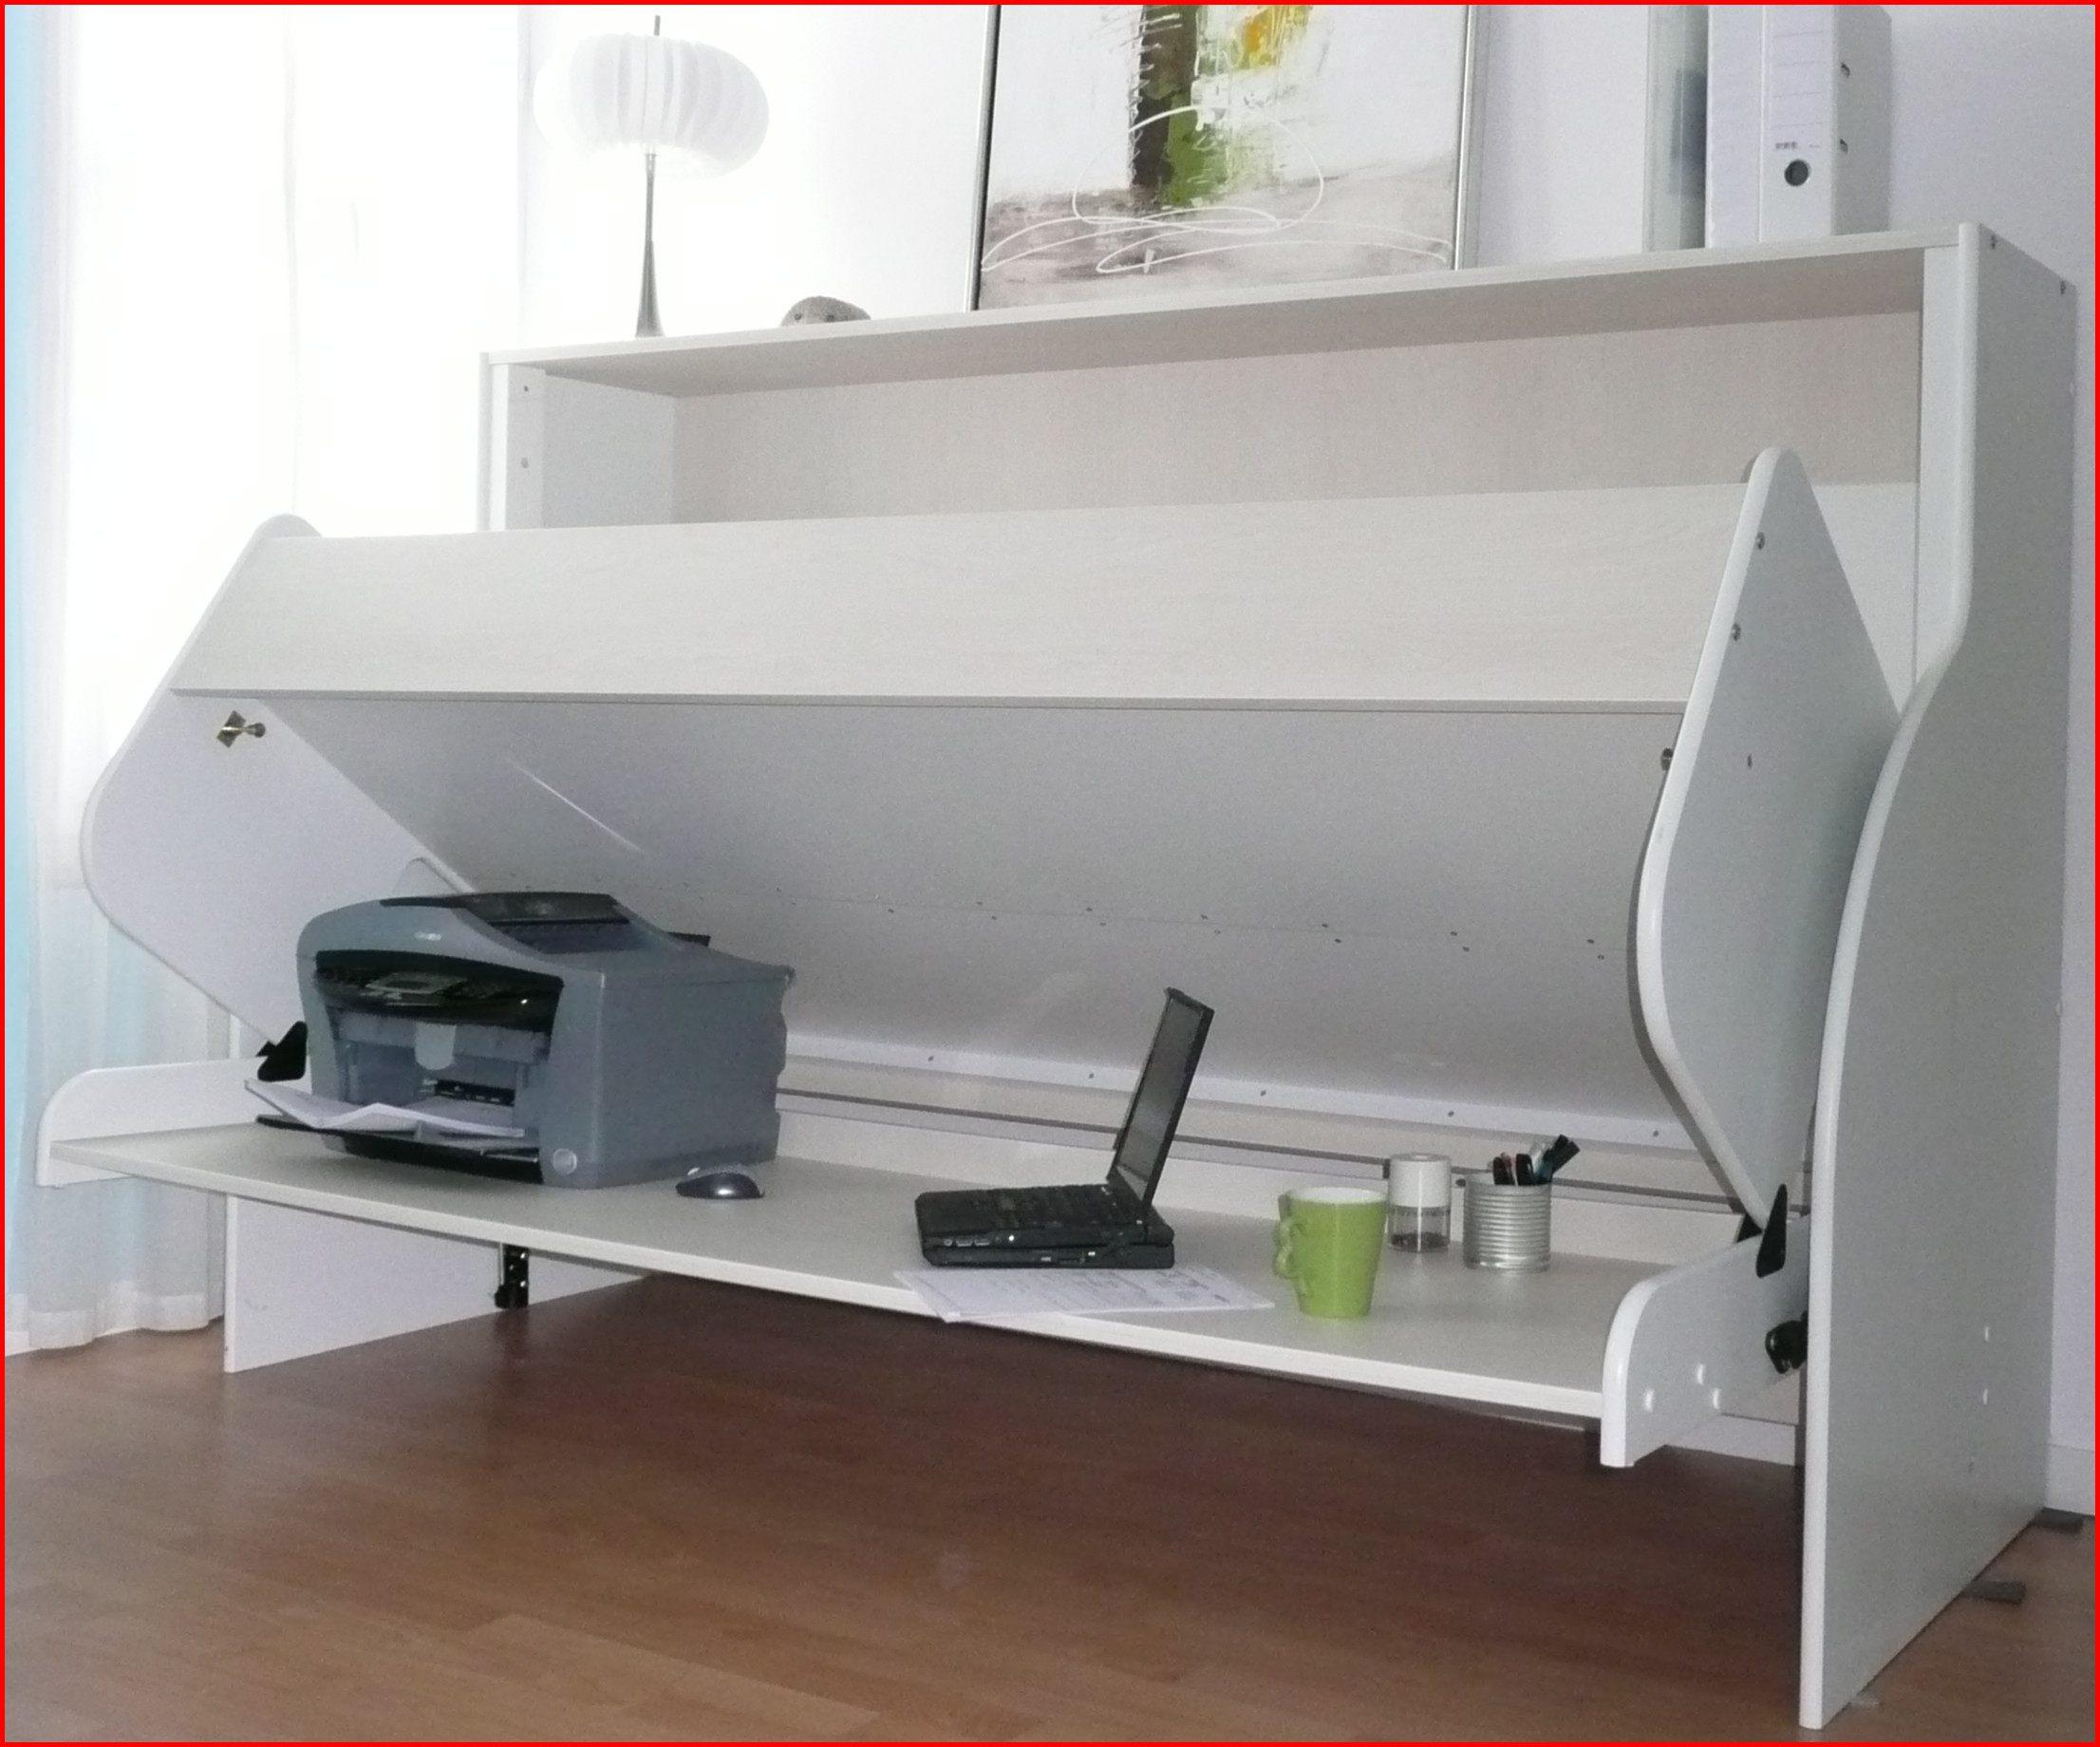 Lit Estrade Ikea Le Luxe Avenant Lit Armoire Dans Lit Escamotable but Beau Stock Lit Estrade